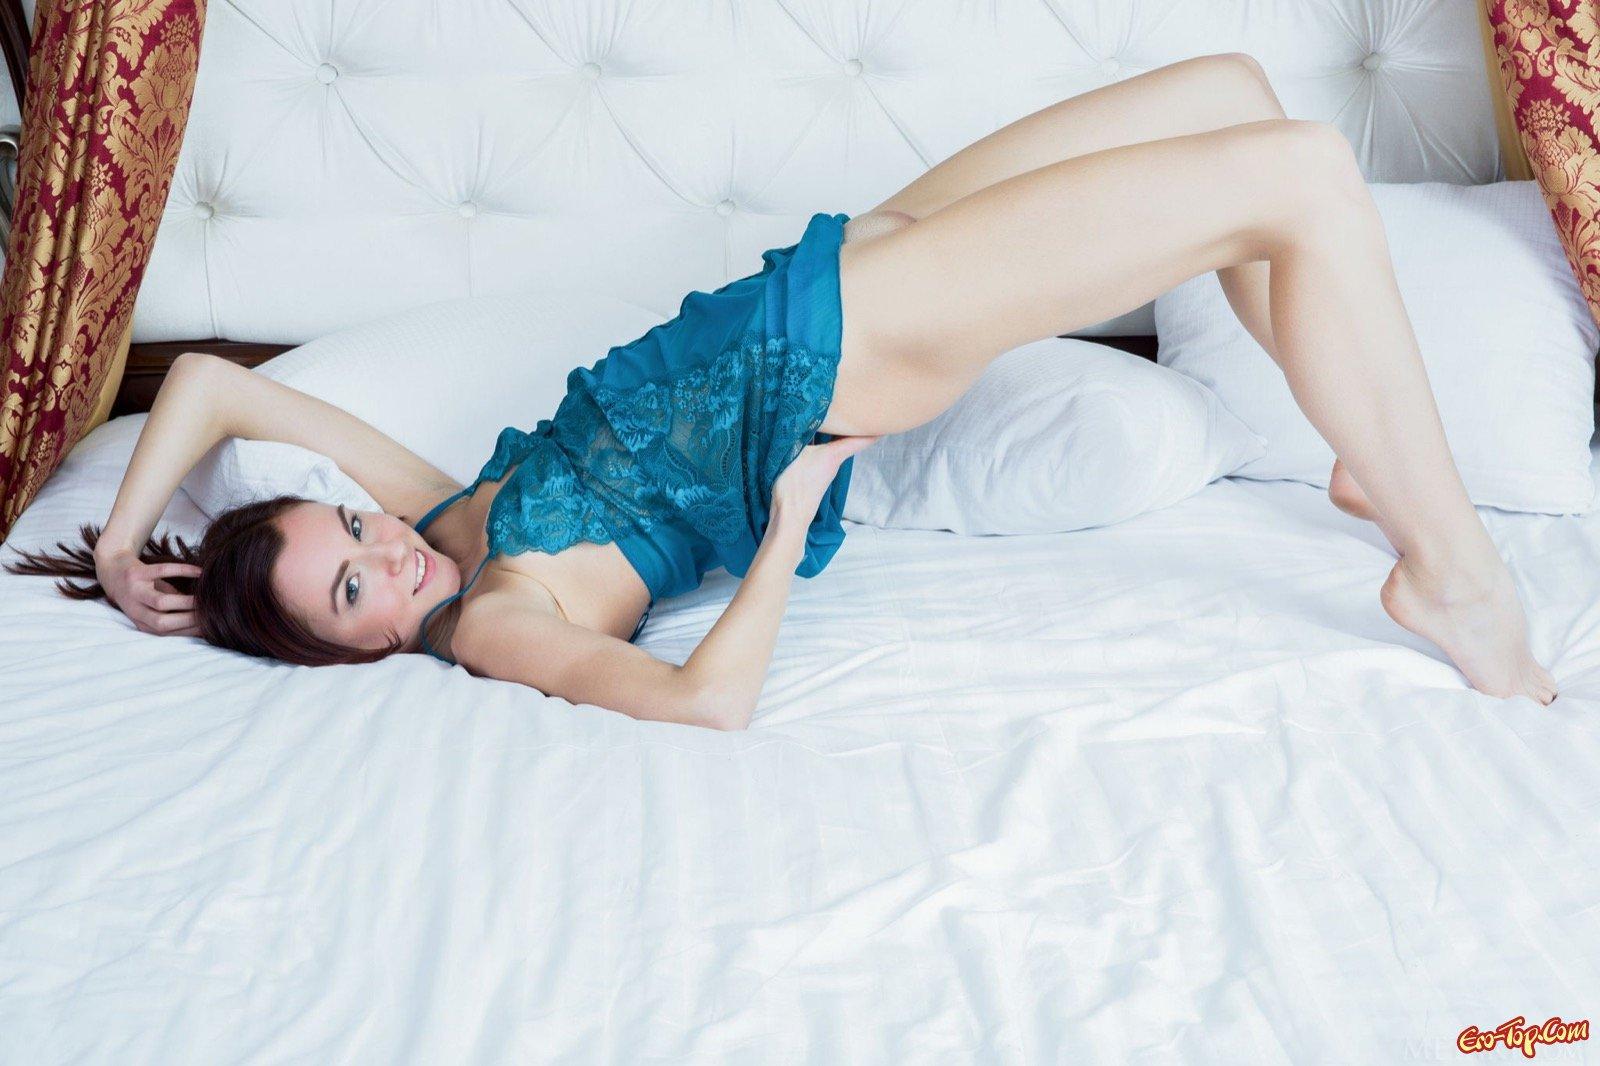 Стройная красотка оголяет тело и позирует в постели